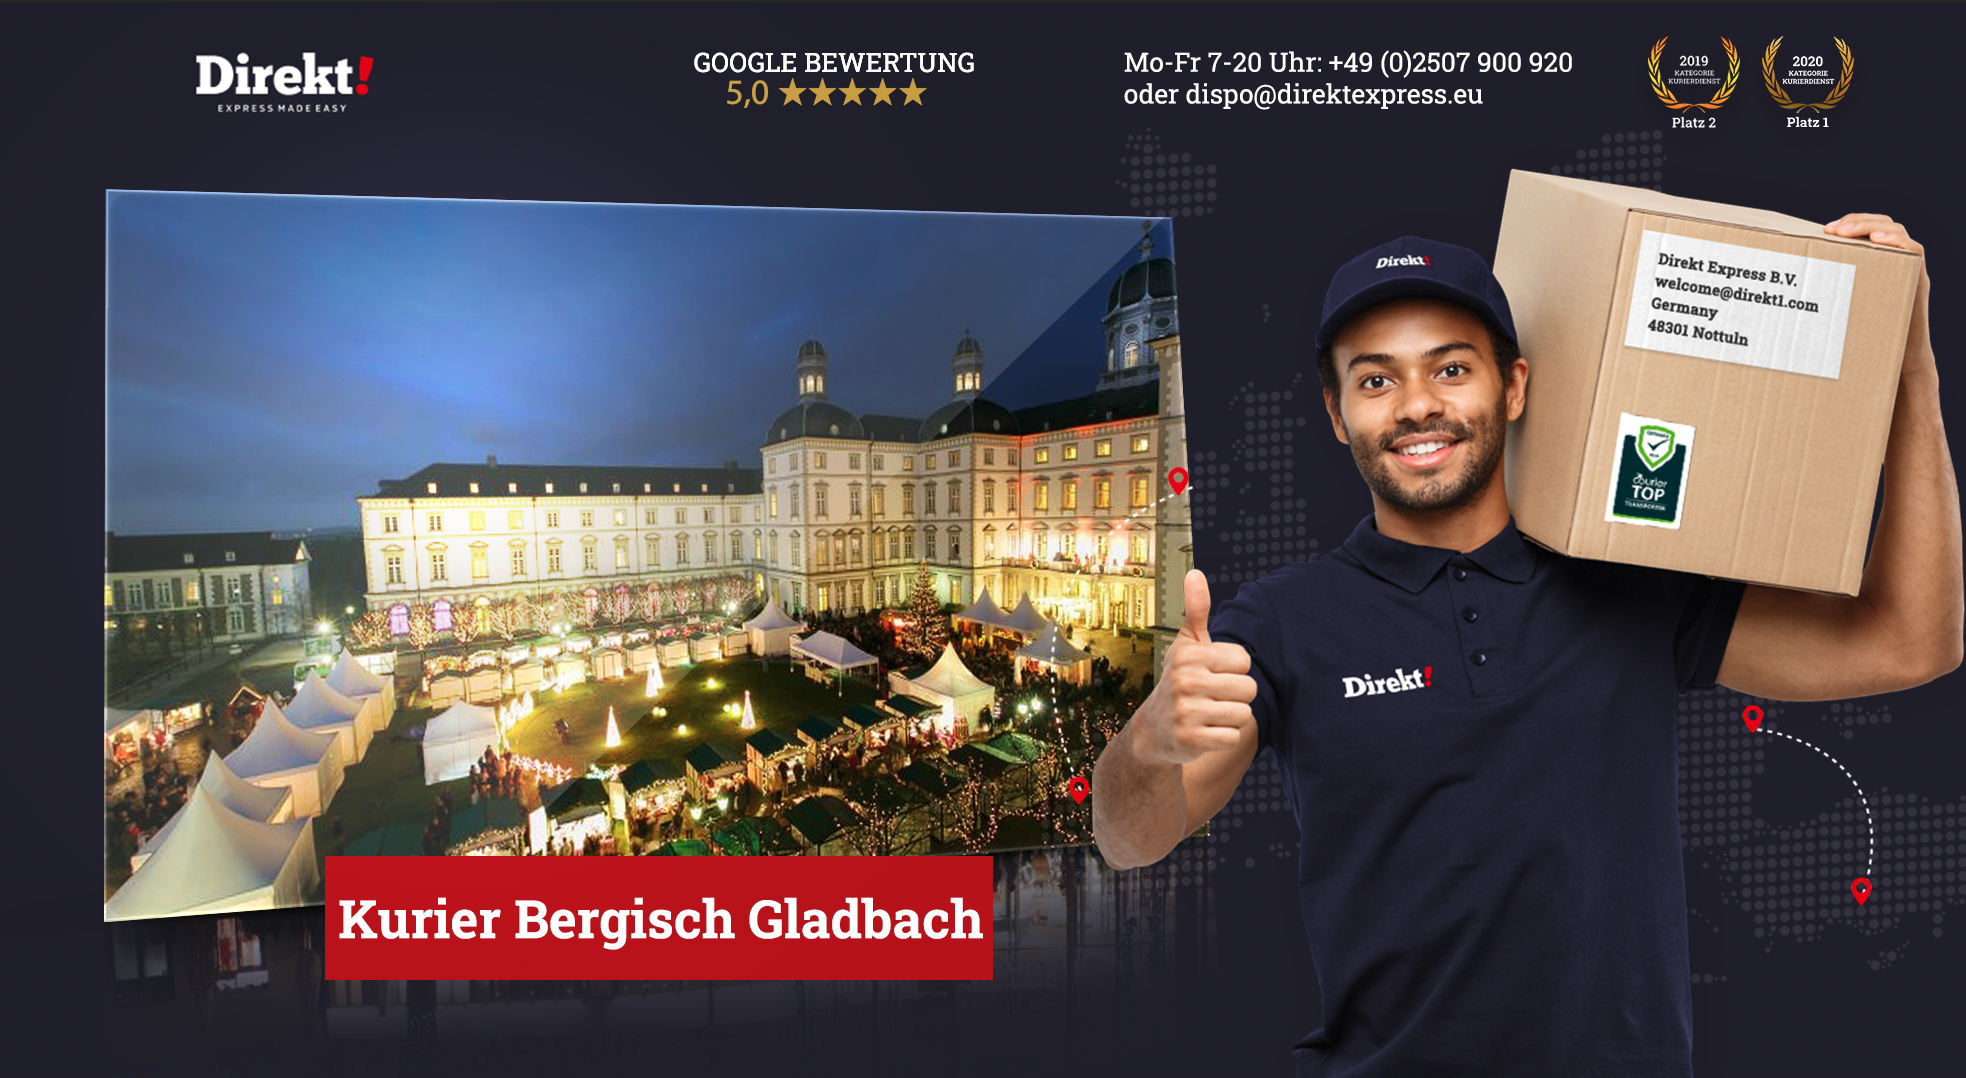 https://direkt1.com/wp-content/uploads/2021/06/kurier-taxi-umzuege-bergisch-gladbach-wuppertal.png